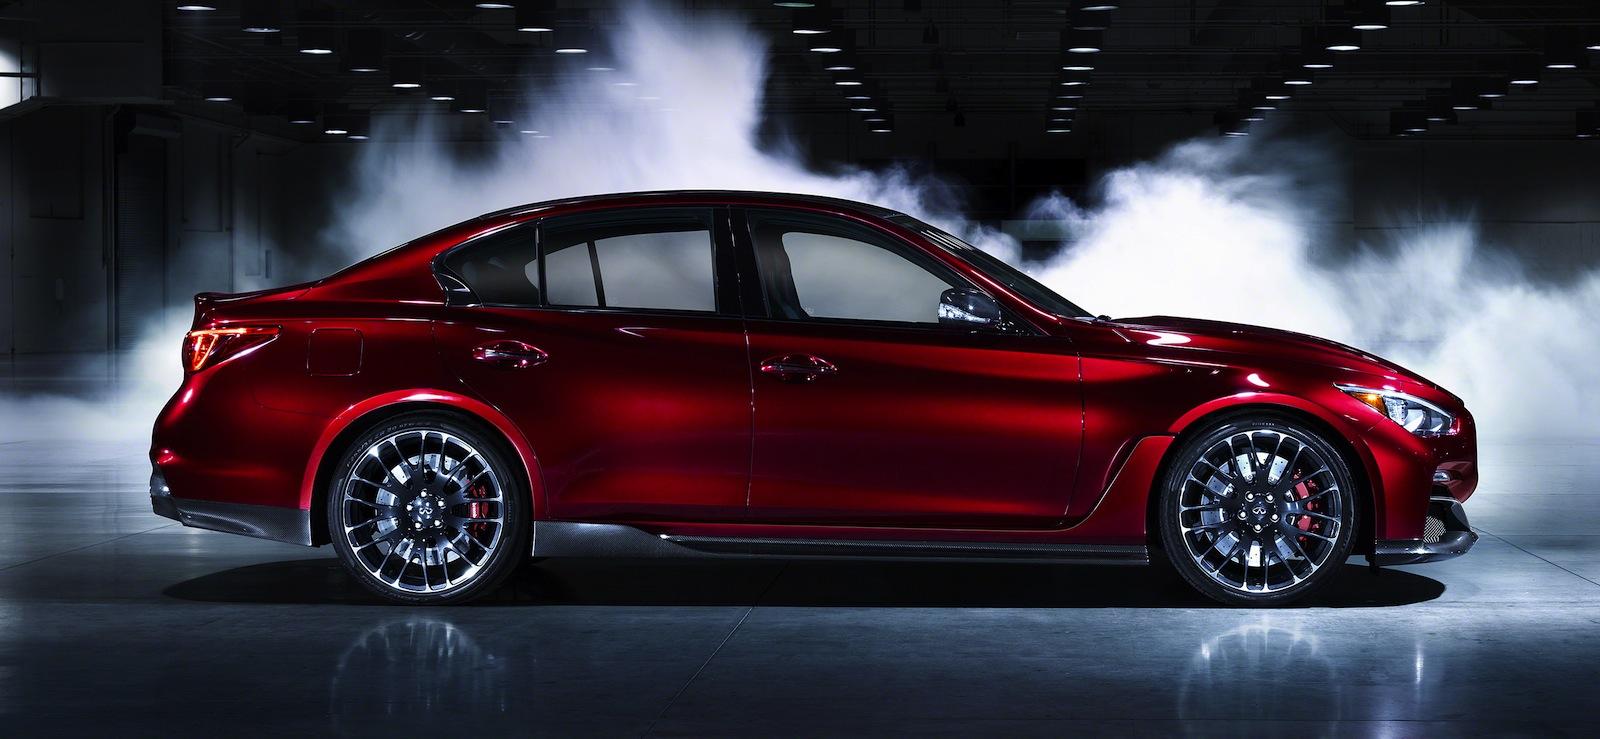 Infiniti q50 eau rouge concept teases potential 372kw 812nm sports sedan